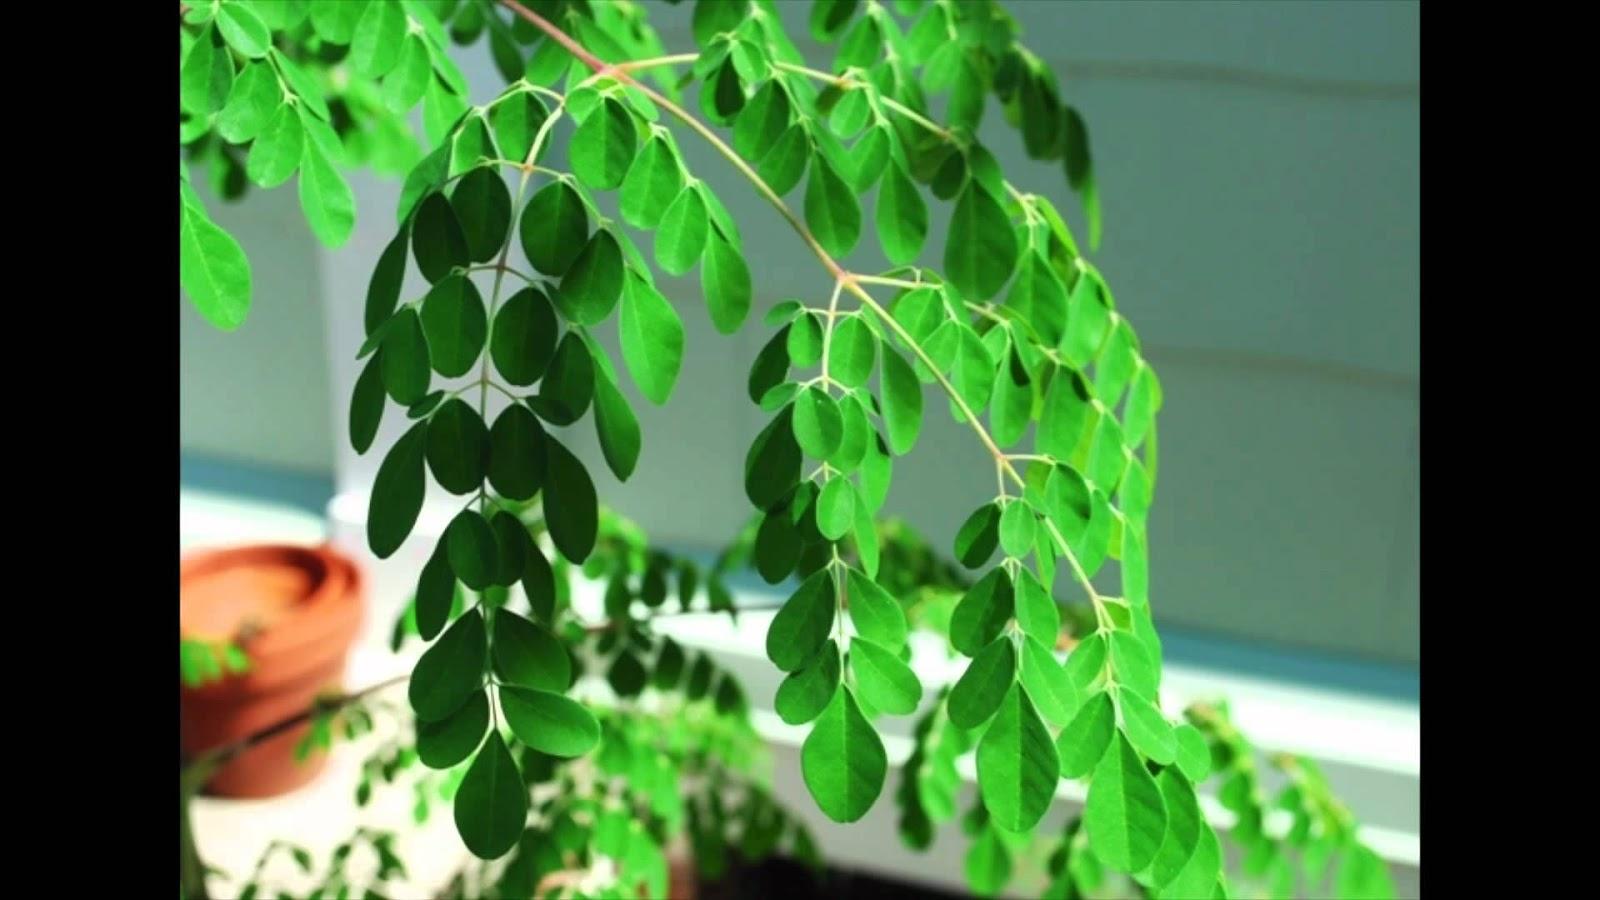 المورينجا العجيبة , مقال شامل عن نبات المورينجا الذي يغفل عنه الكثيرون